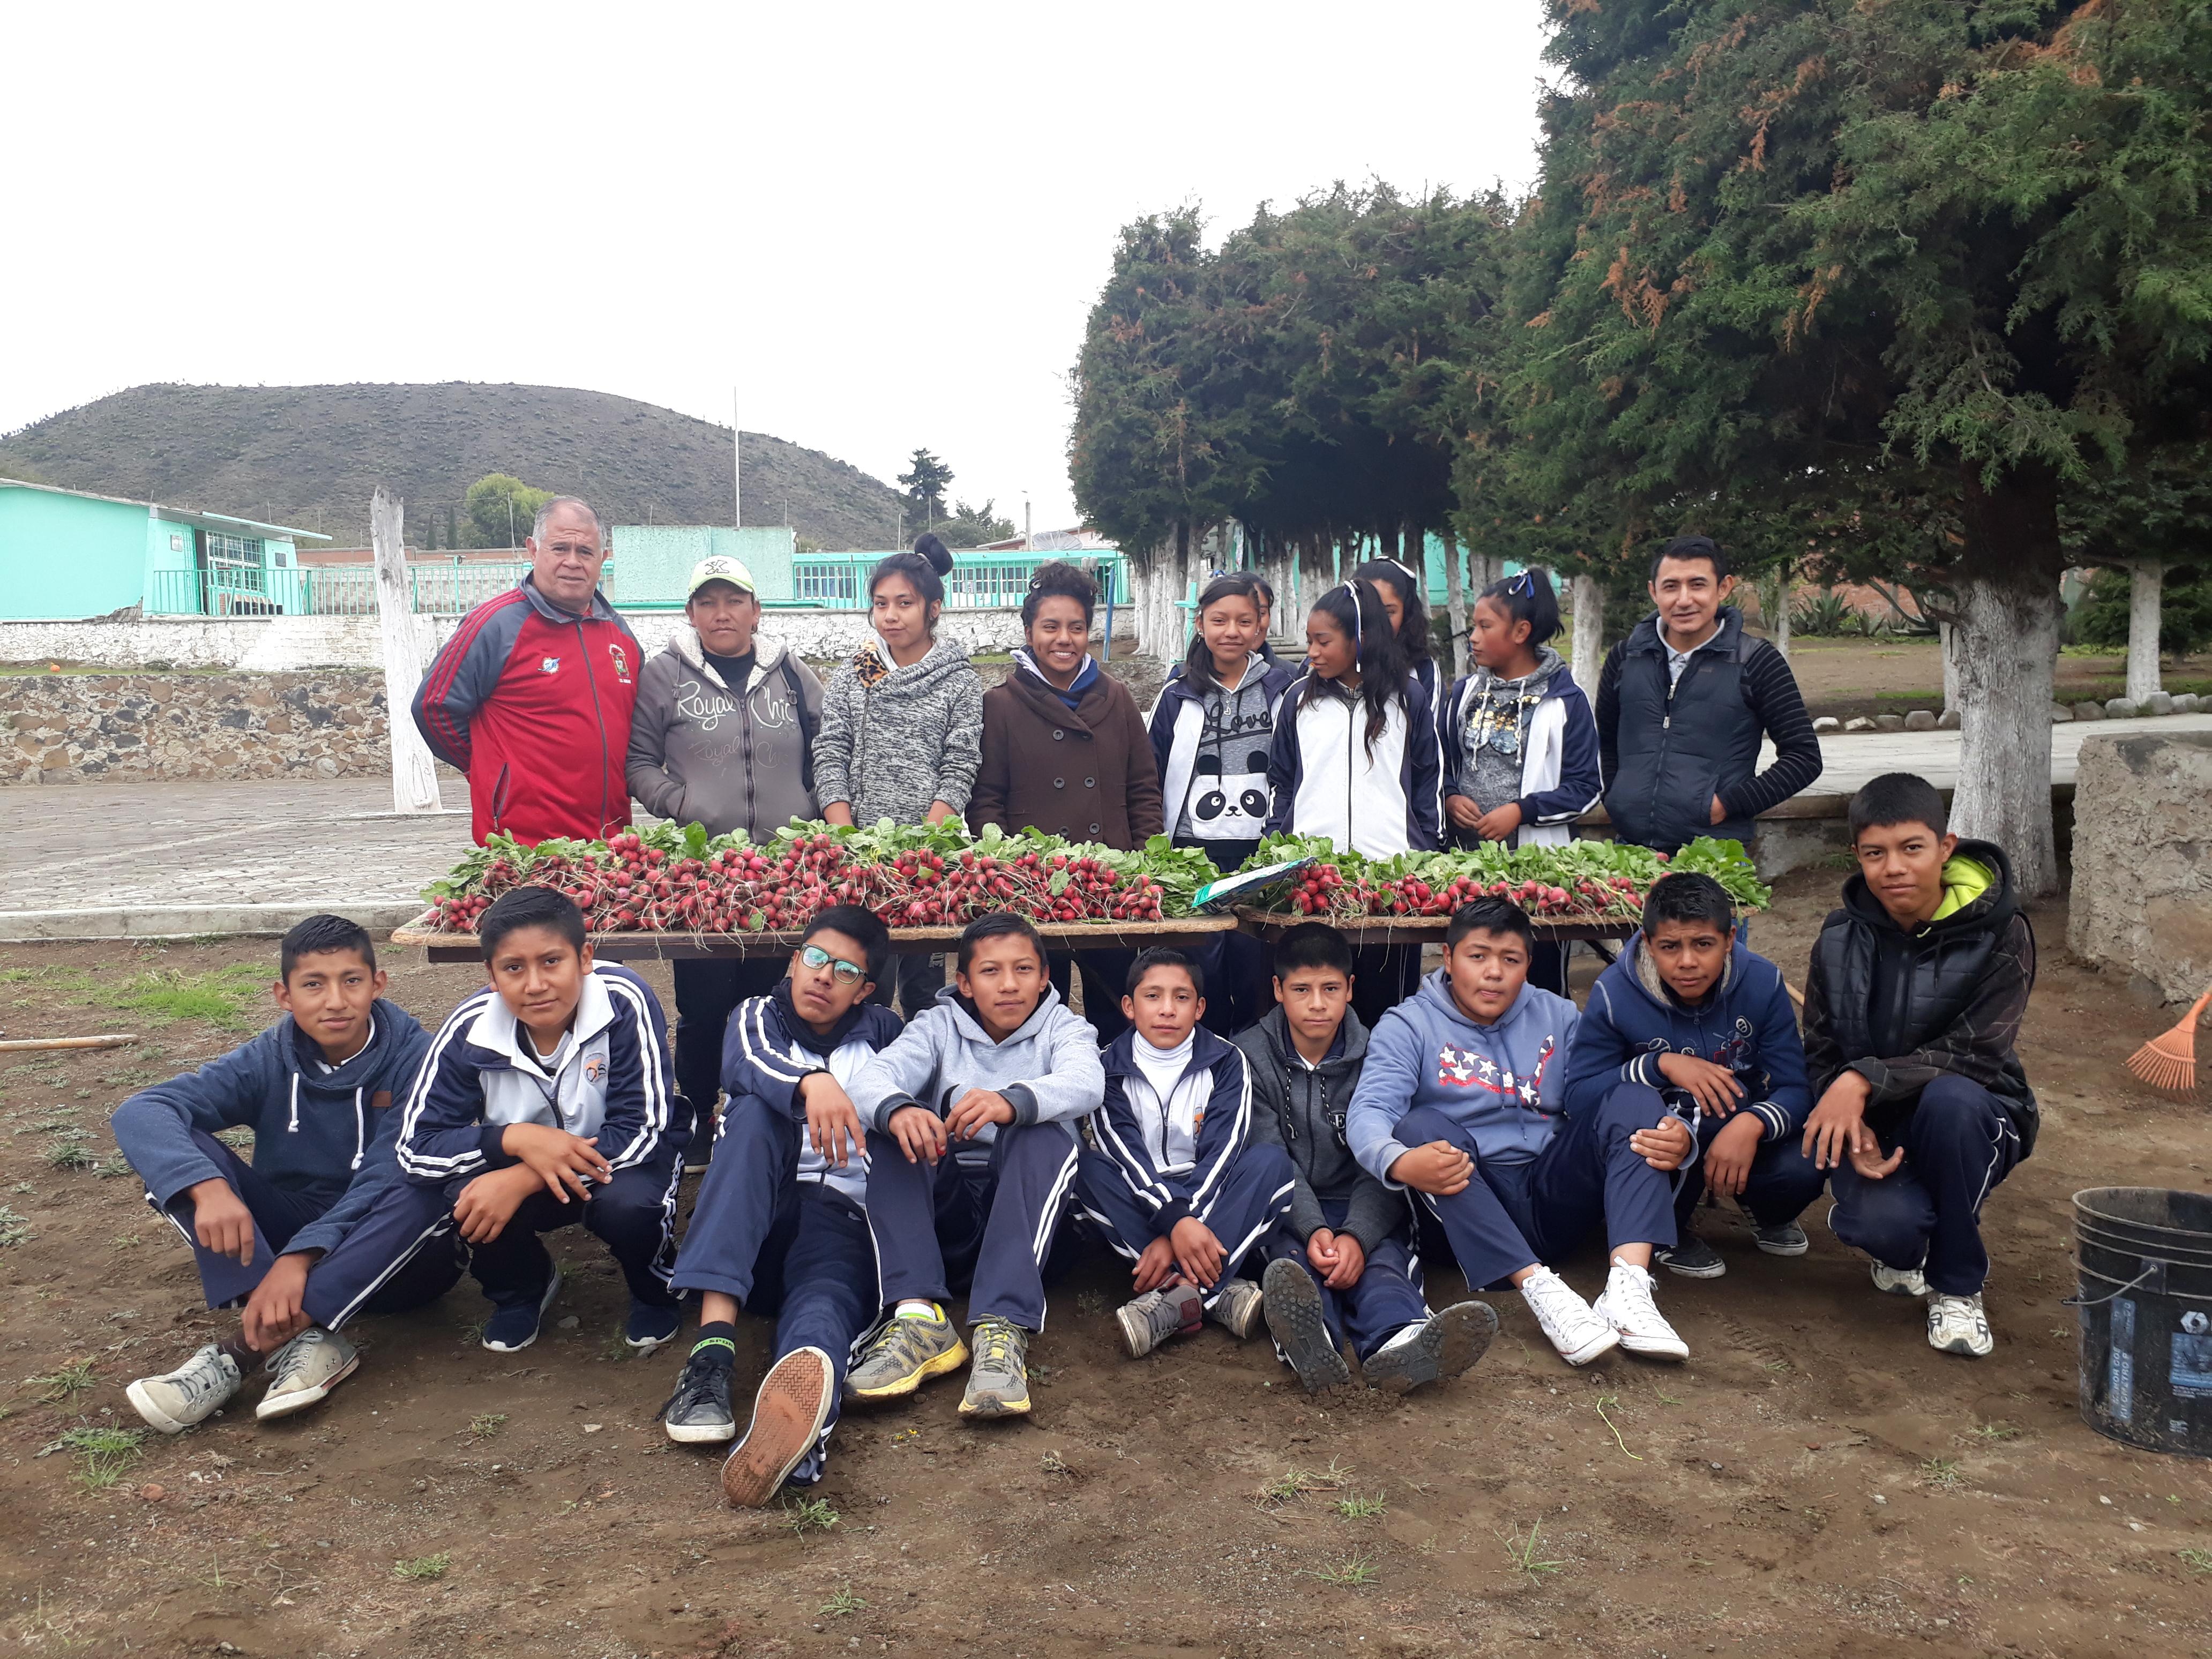 Fotografía del equipo ganador con el proyecto: Proyecto integral estudiantil, pie